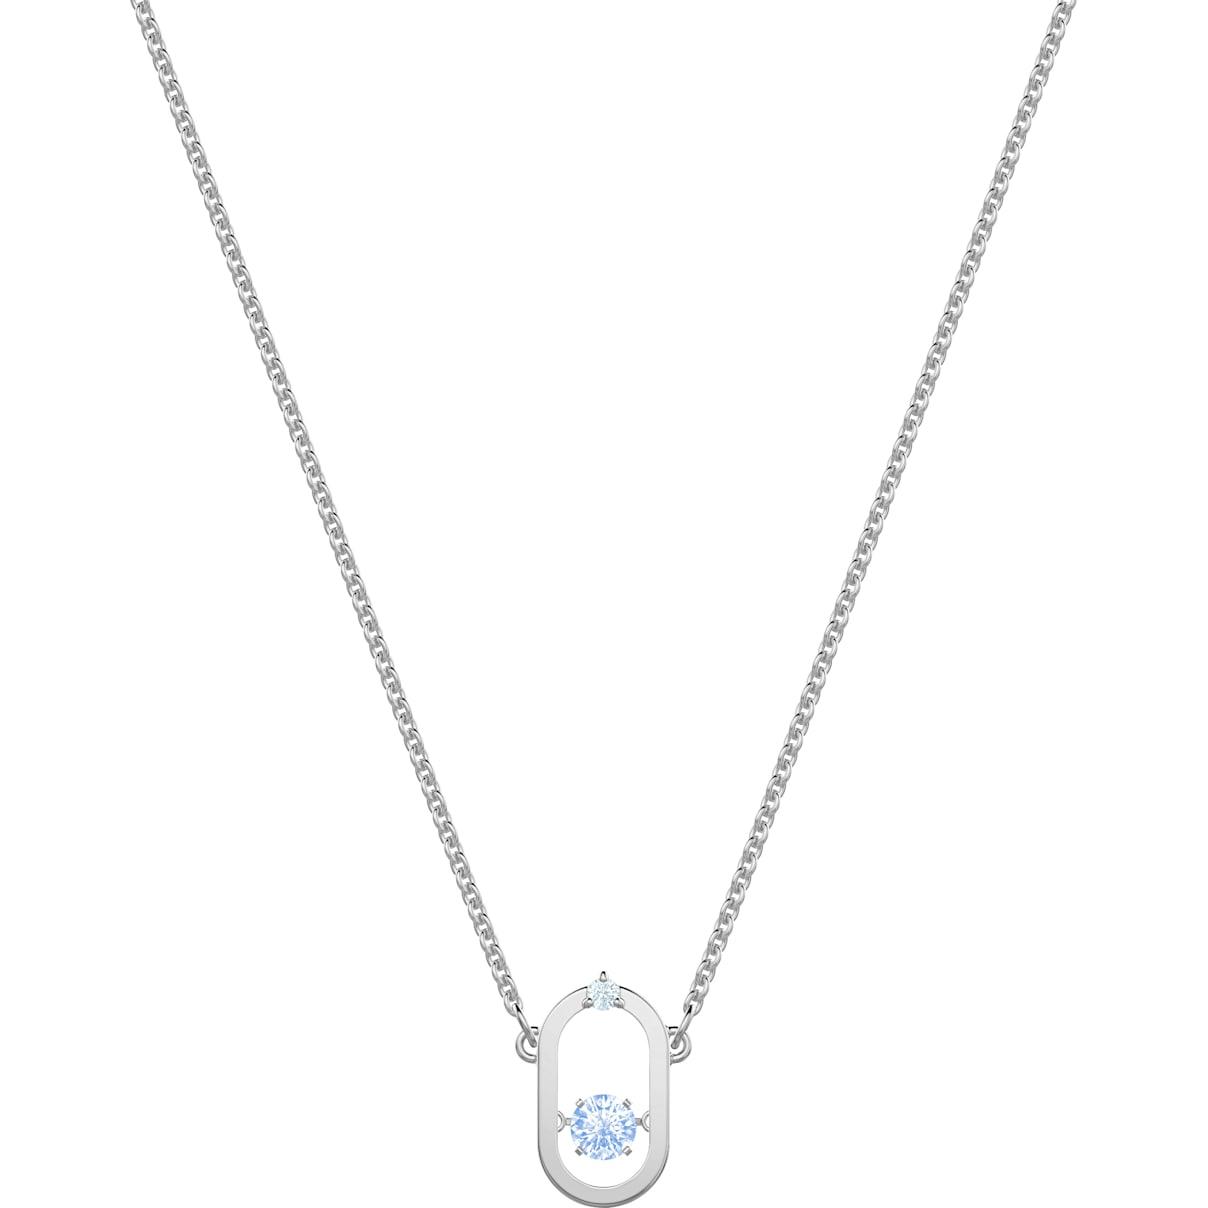 Swarovski Sparkling Dance Necklace, Blue, Rhodium plated